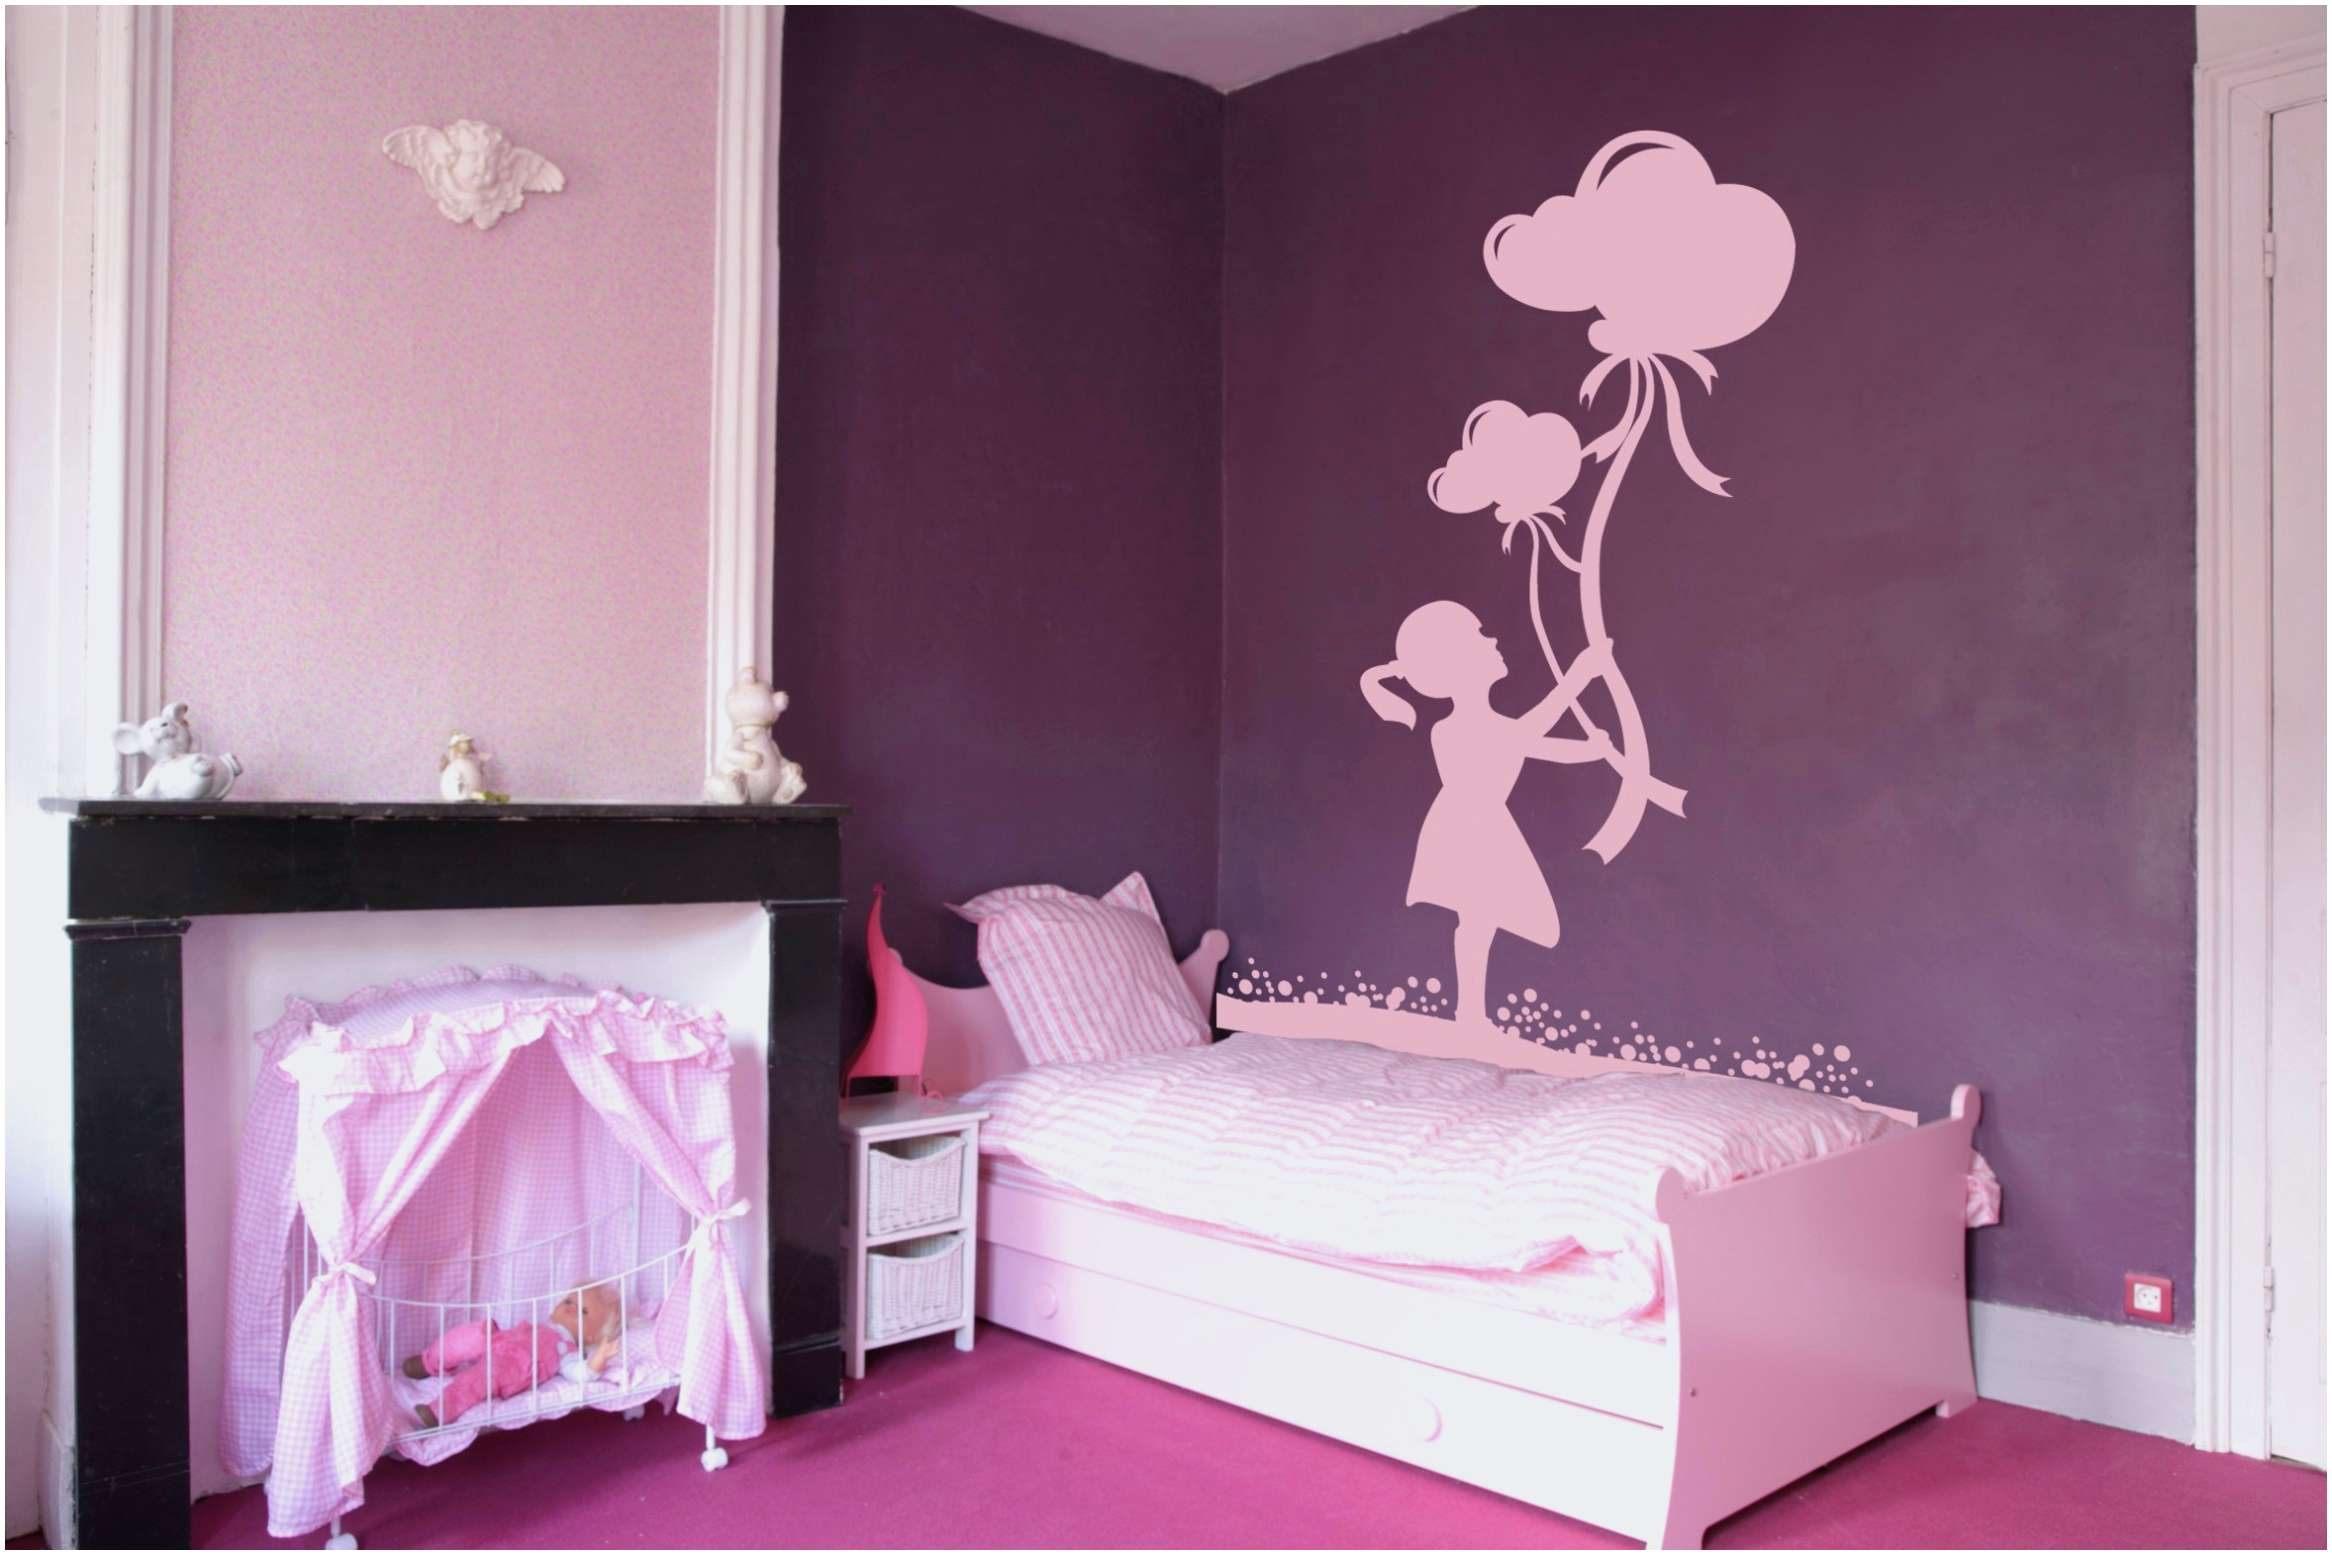 Moustiquaire Pour Lit Bébé Beau Unique Chambre Bébé Fille Gris Et Rose Beau Parc B C3 A9b C3 A9 Gris